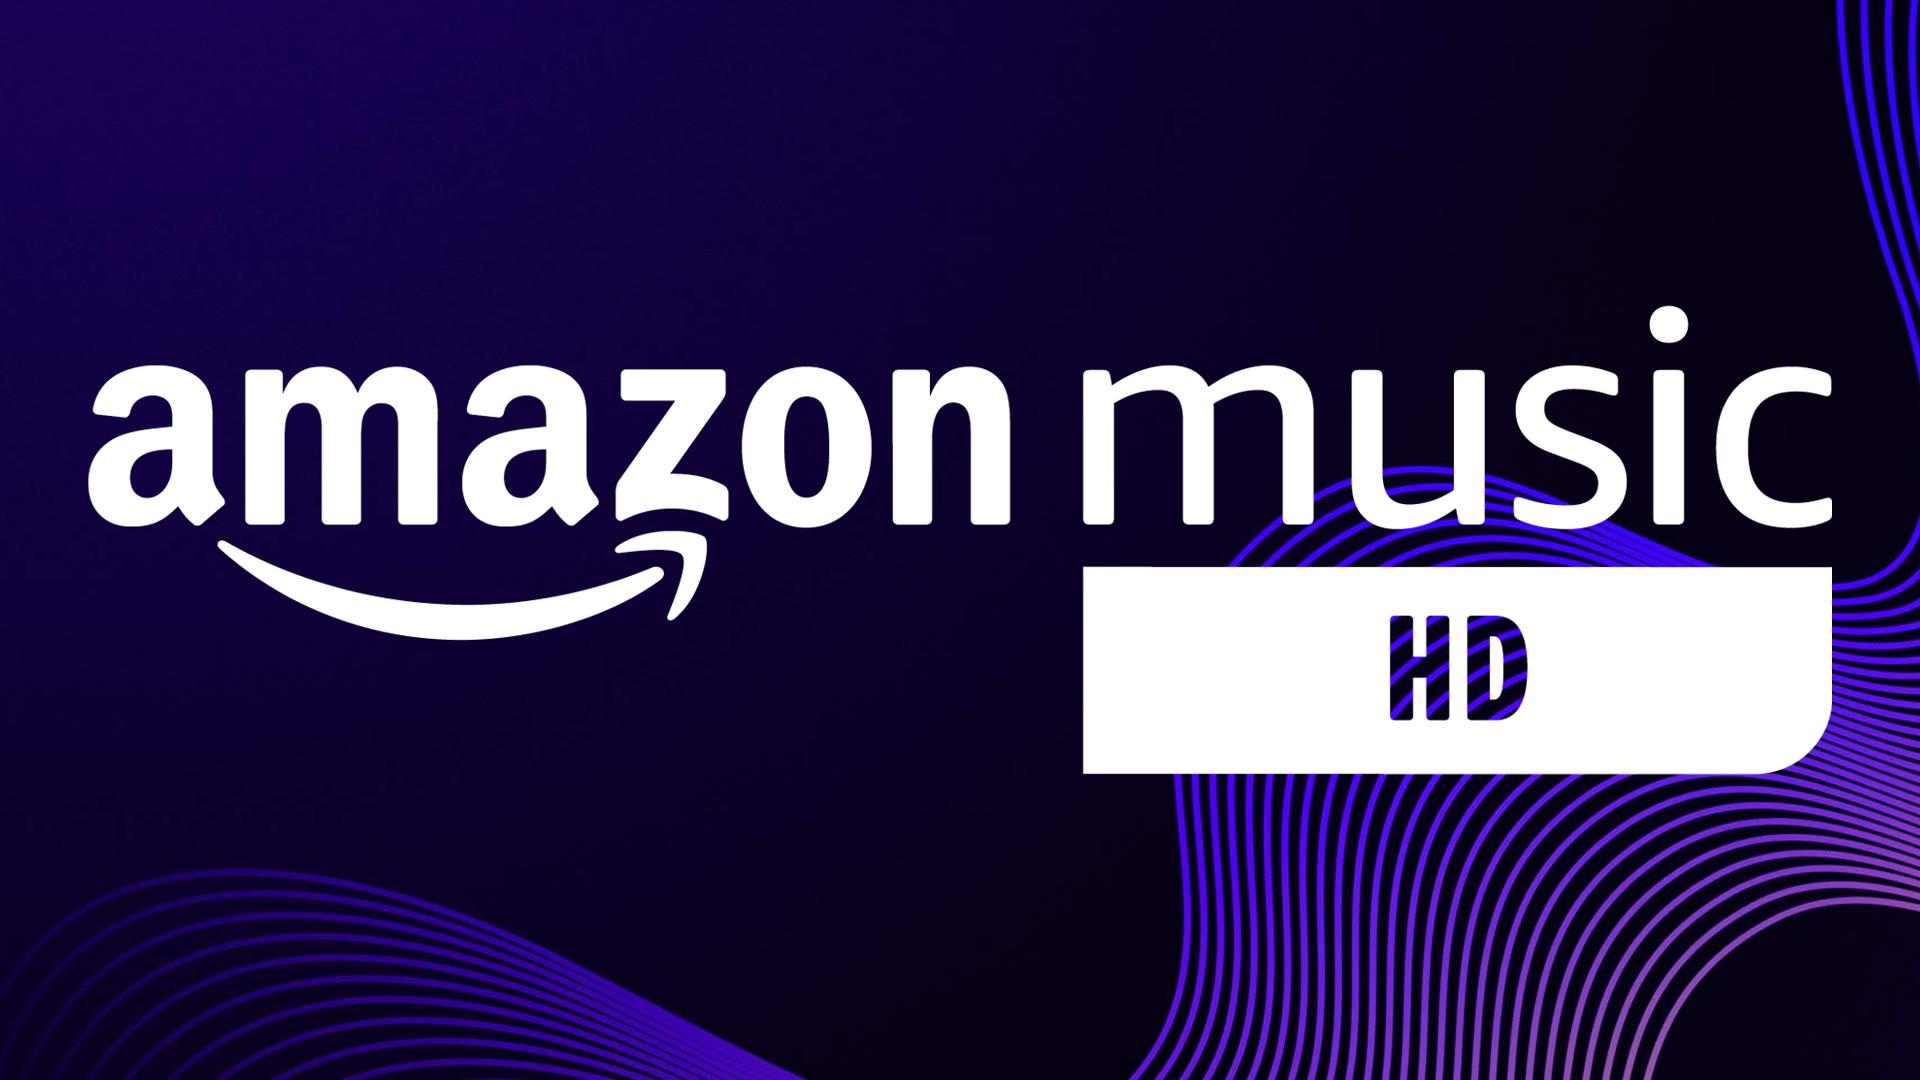 Amazon Music HD : la qualité CD à essayer gratuitement pendant 3 mois